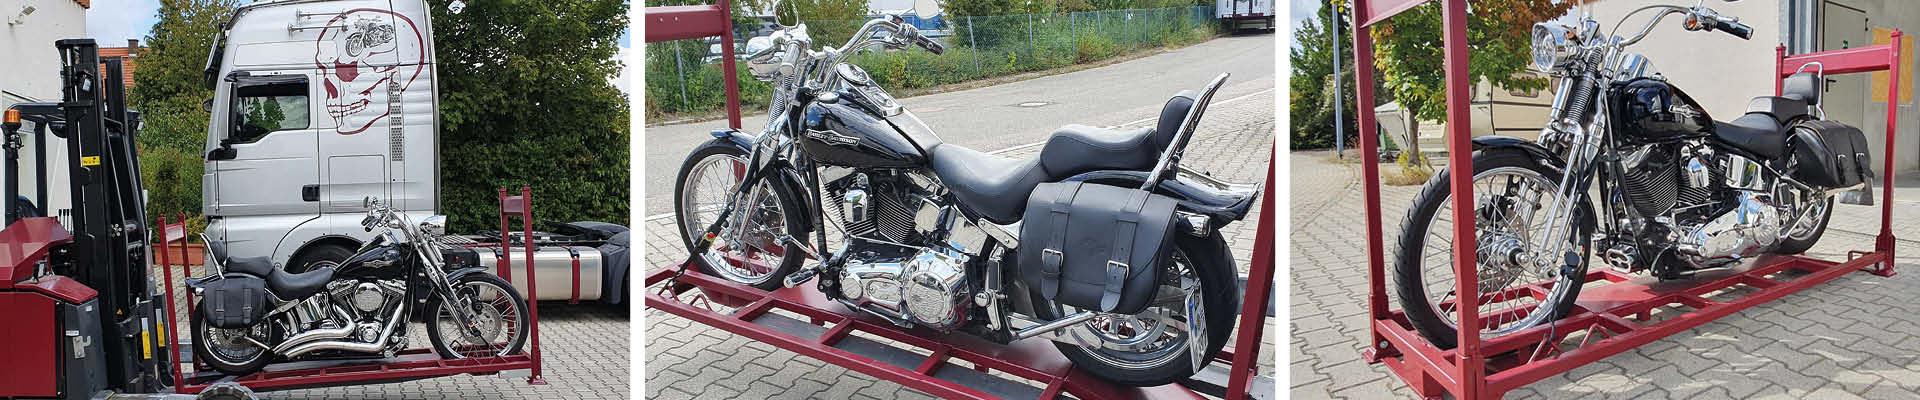 M-Motorradreisen Gestelle für die Lagerung der Motorräder